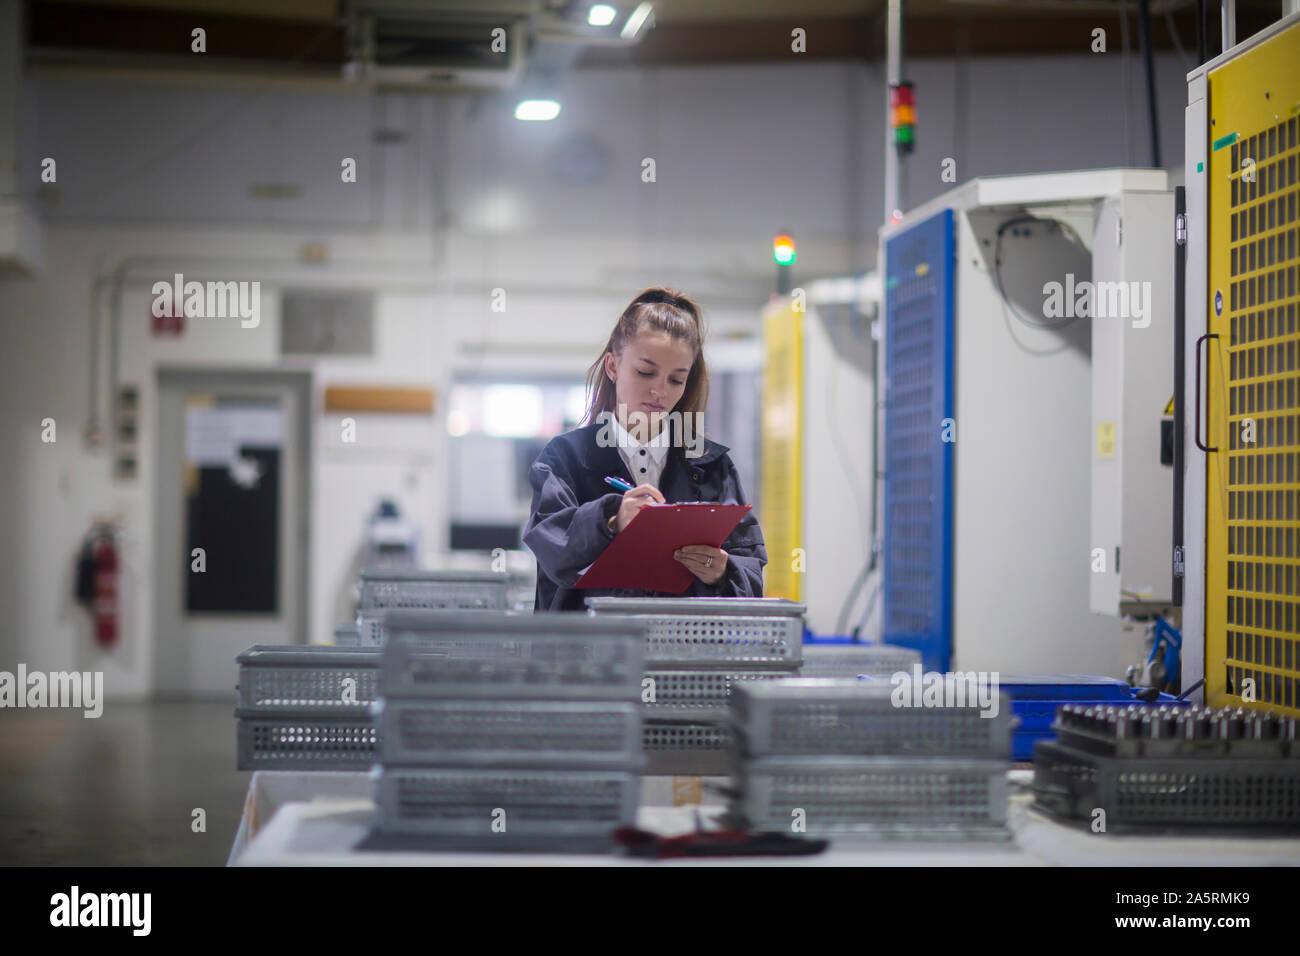 Installation industrielle avec un ingénieur femme Banque D'Images